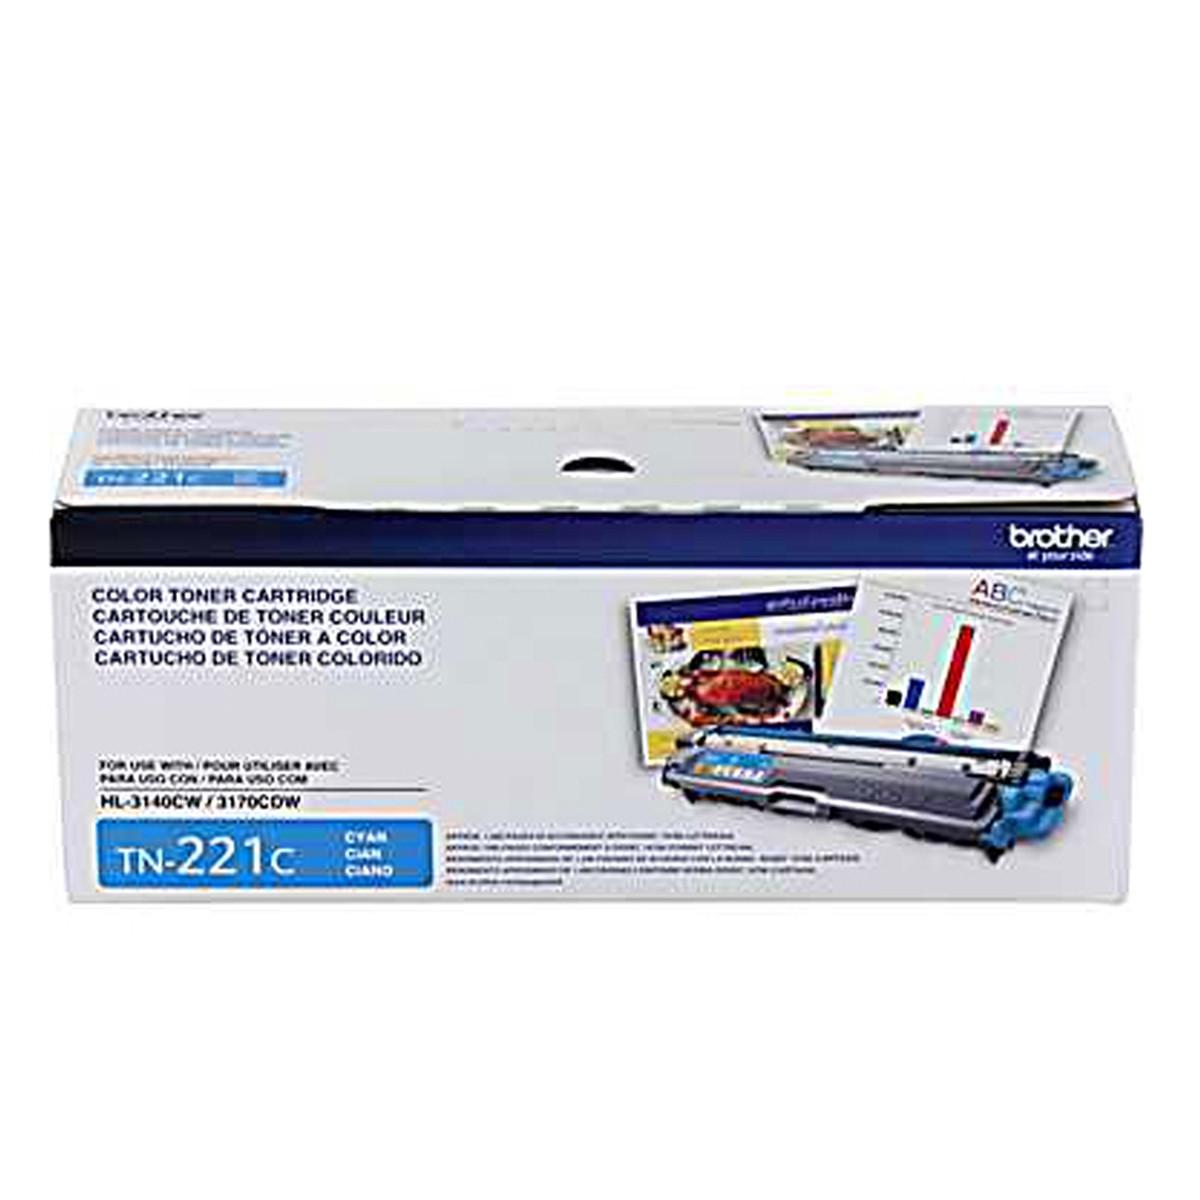 Toner Brother TN221C TN221 Ciano | HL3140CW HL3170CDW MFC9130CW MFC9330CDW | Original 1.4k